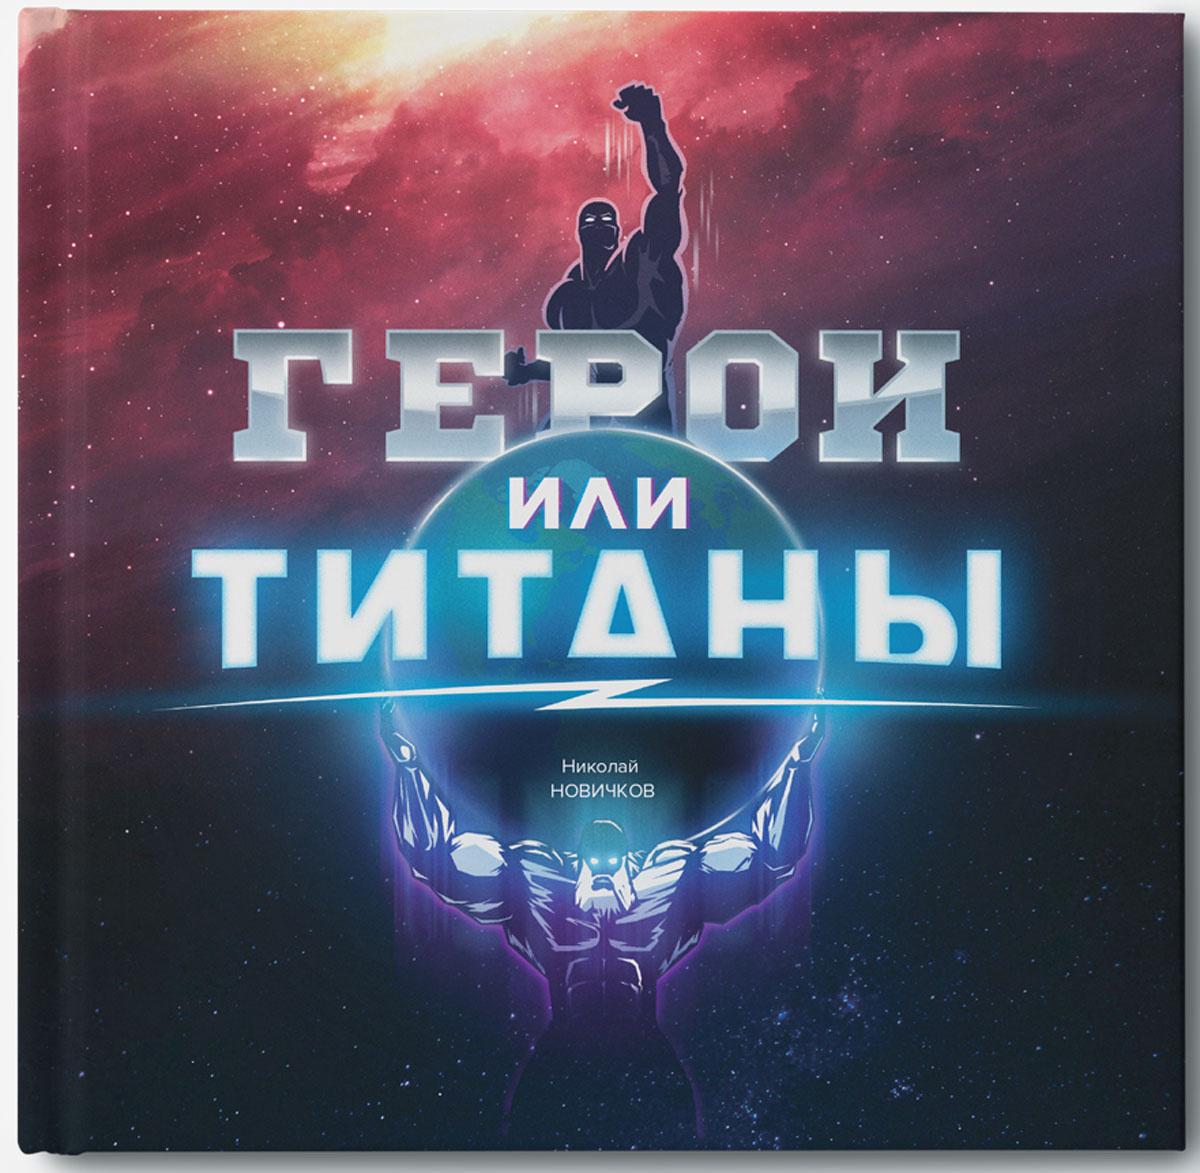 Герои или титаны | Новичков Николай Владимирович #1